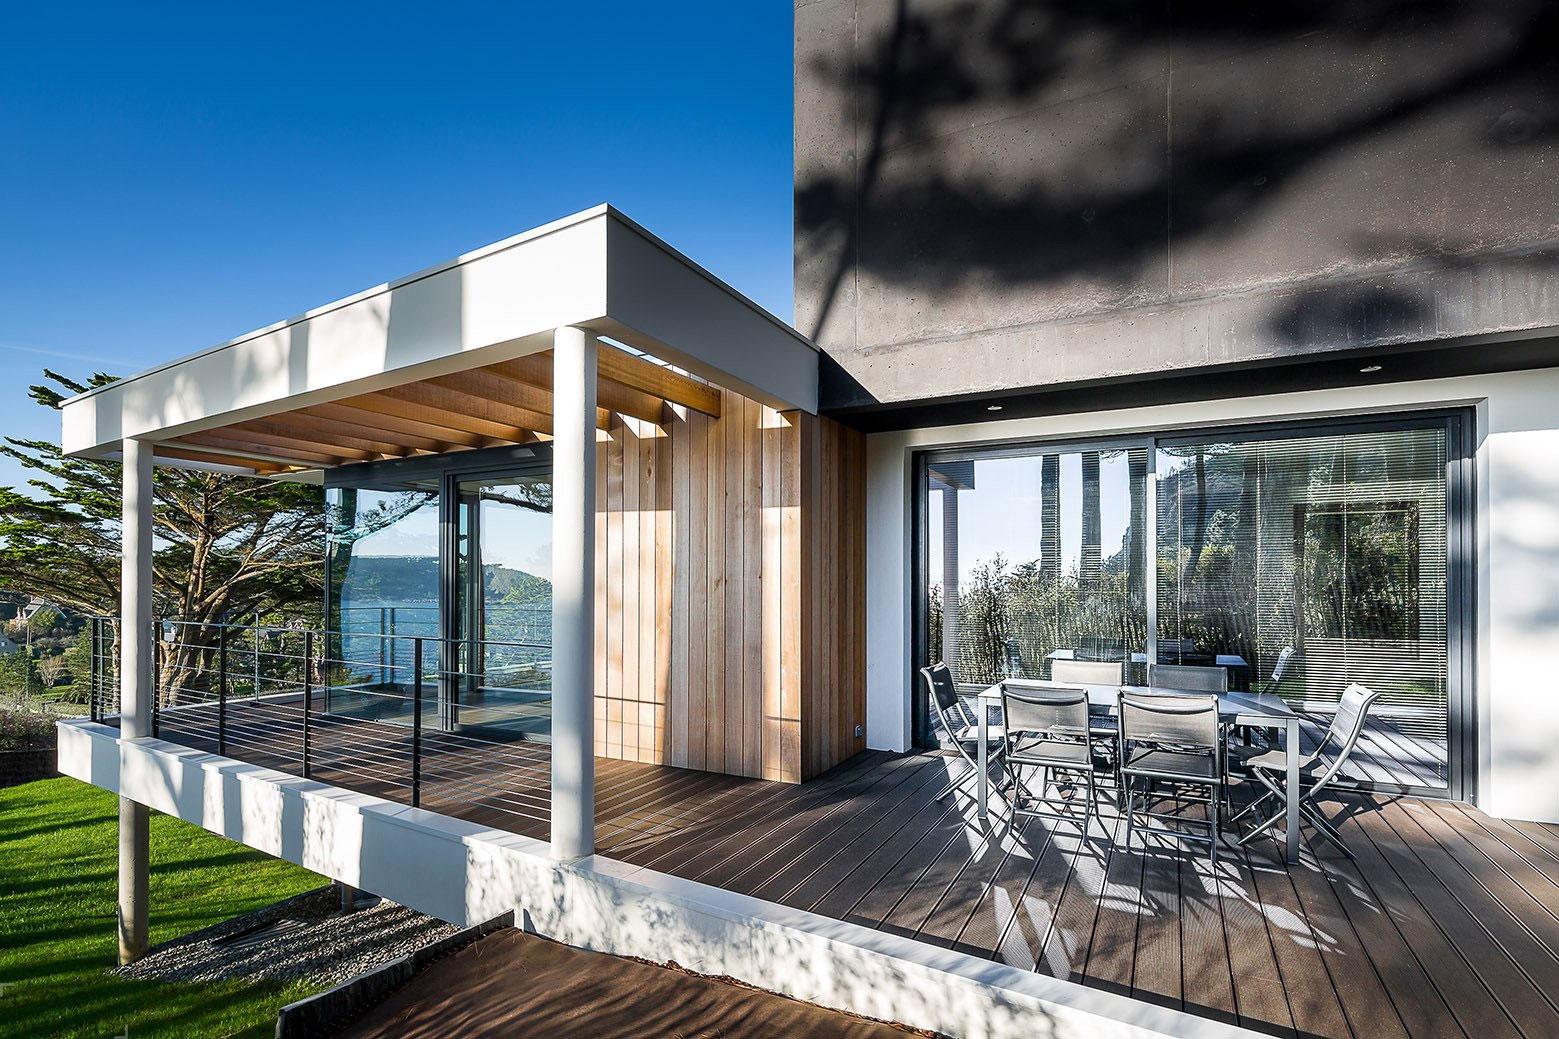 Частная резиденция на полуострове Крозоне, Франция, с потрясающим видом на залив